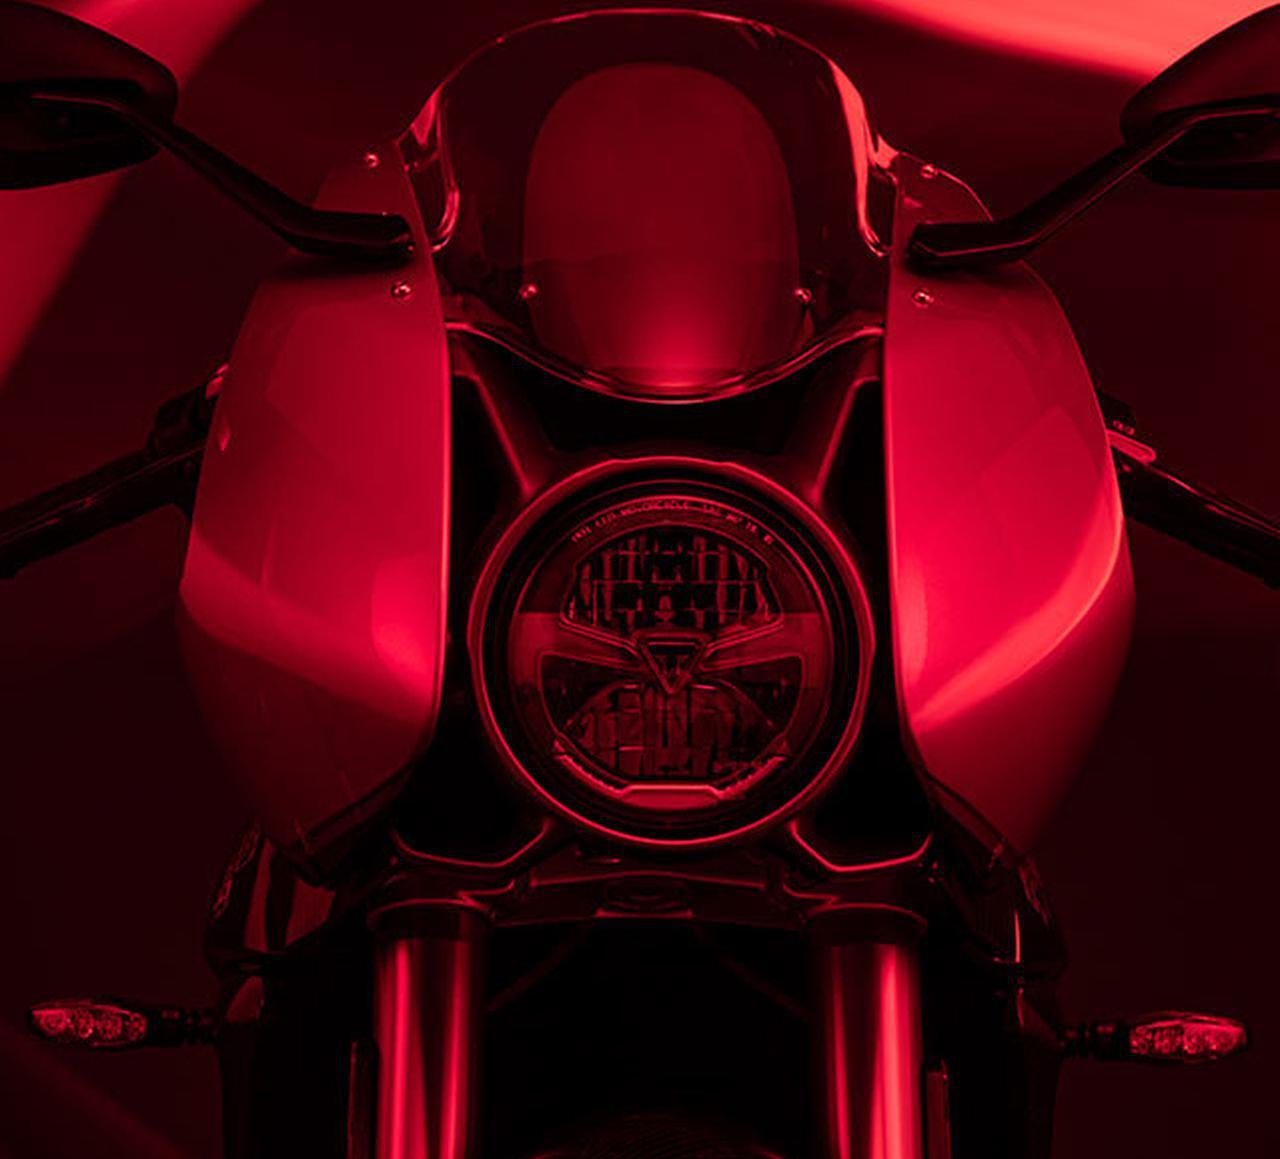 画像: トライアンフ2022年モデル速報 「スピードトリプル1200RR」「タイガースポーツ660」新型「タイガー1200」にまずは注目 - webオートバイ